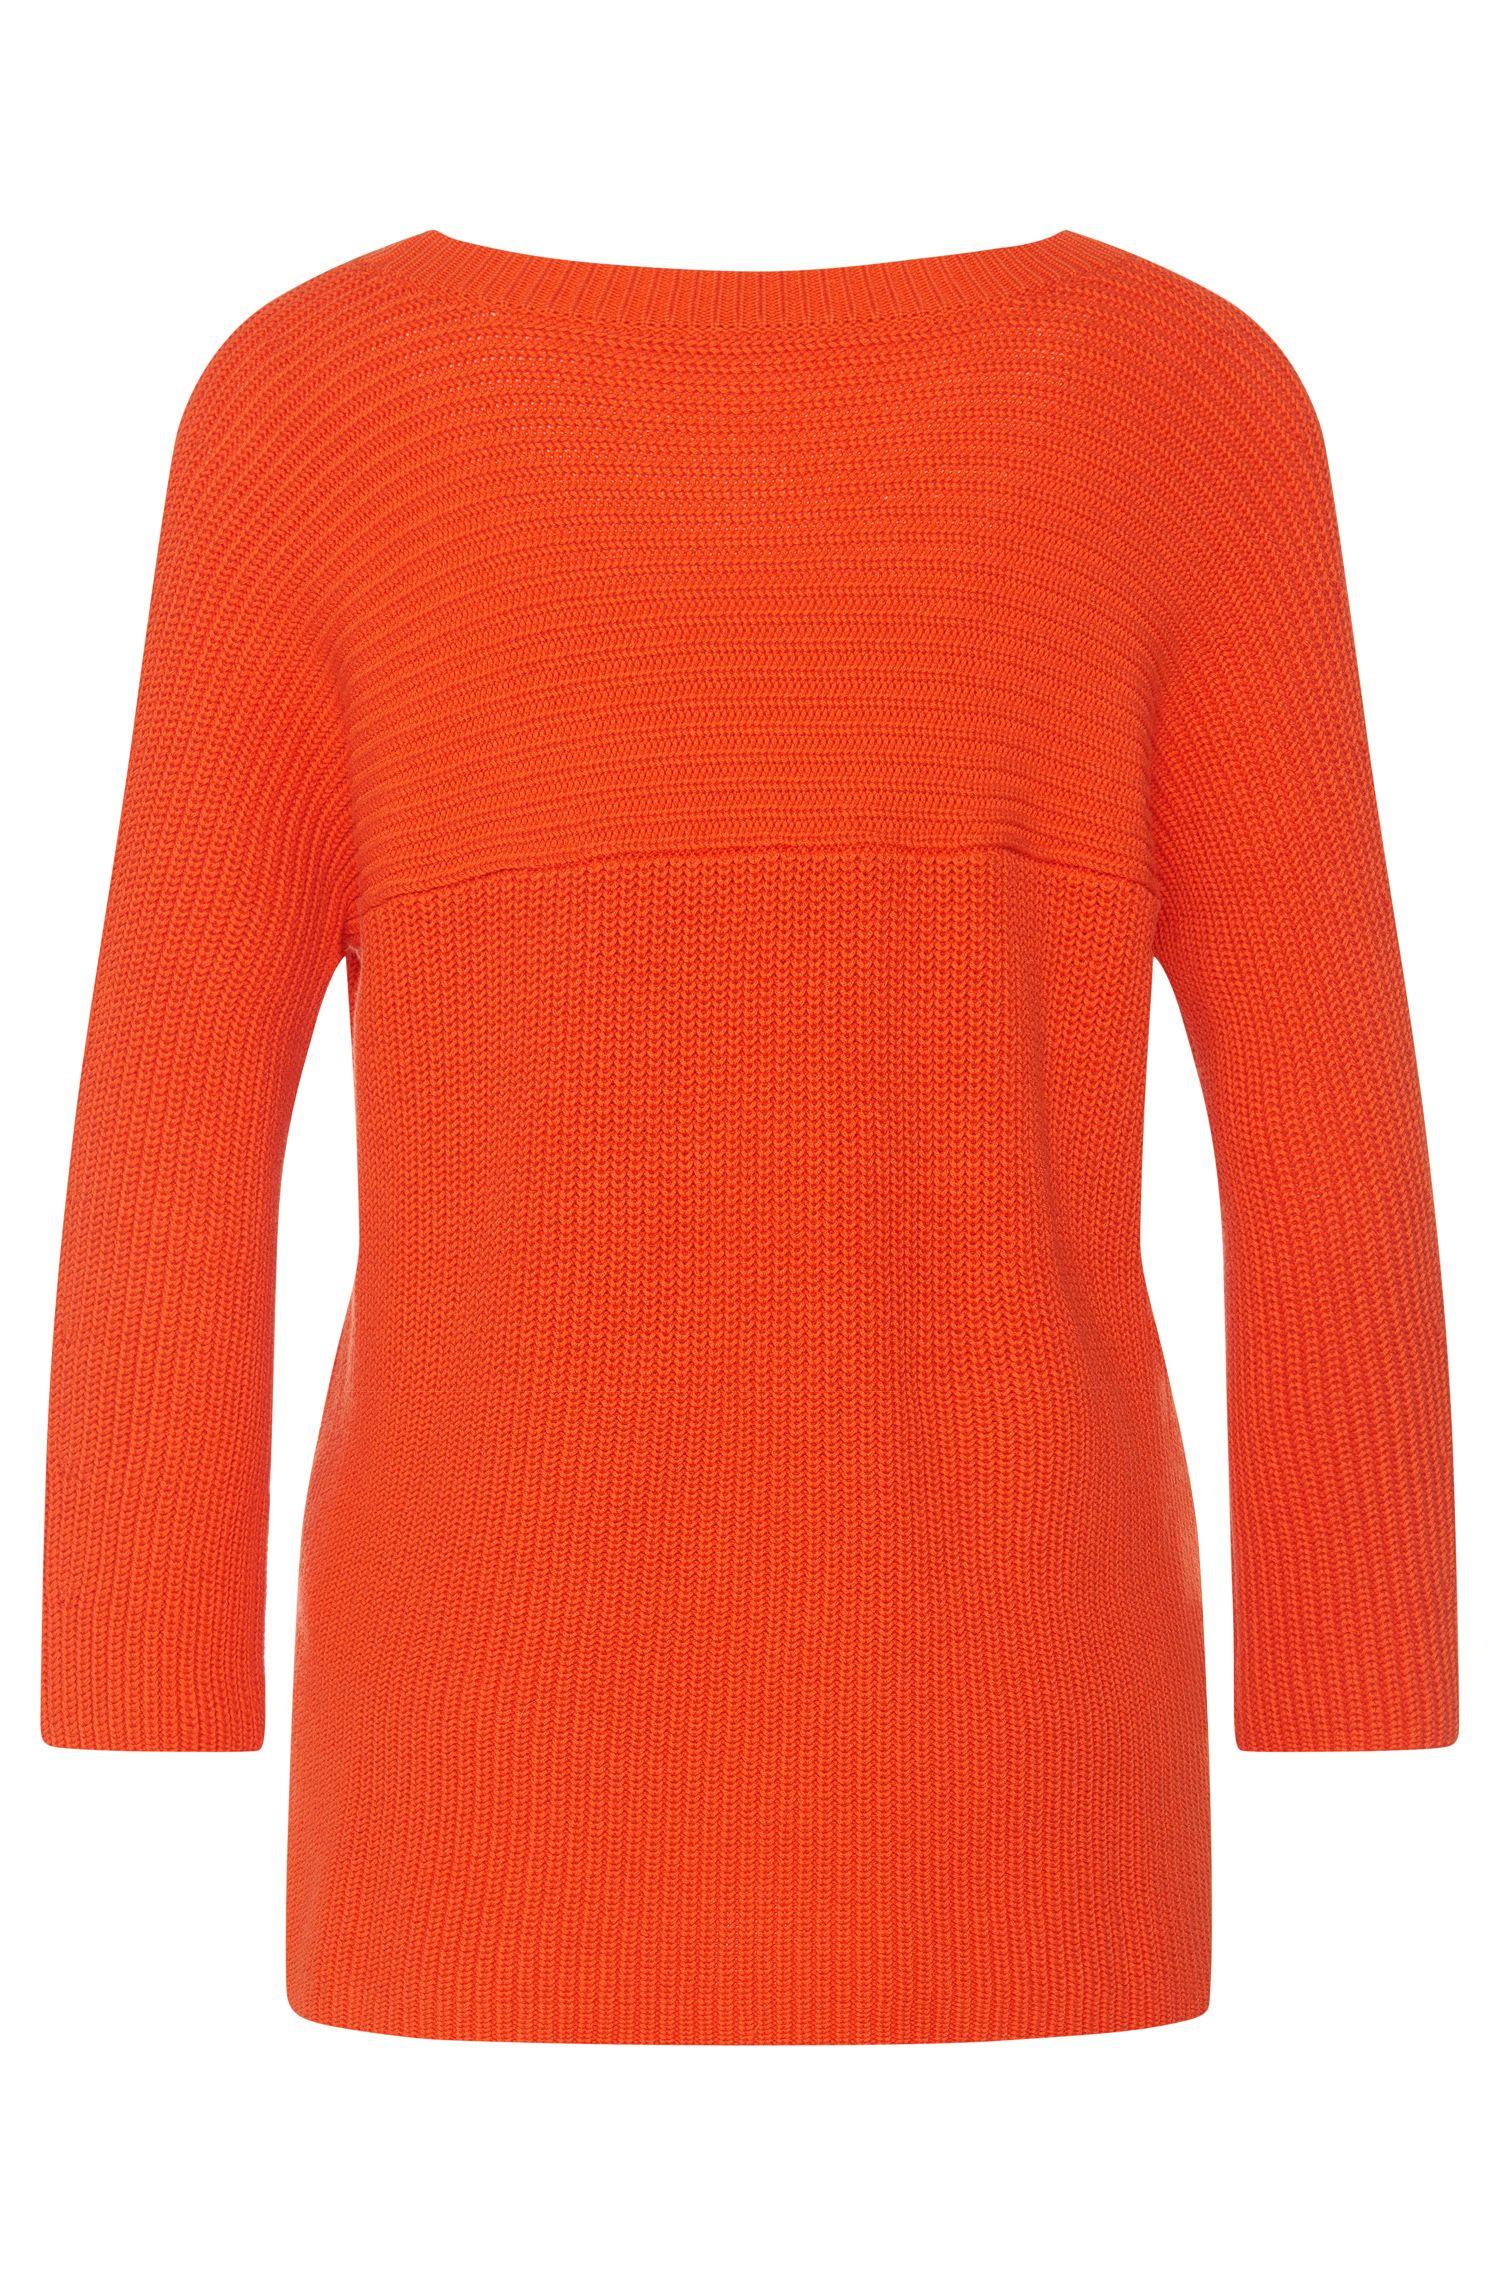 Unifarbener Pullover aus Baumwoll-Mix mit Viskose und Seide: 'Saloma'